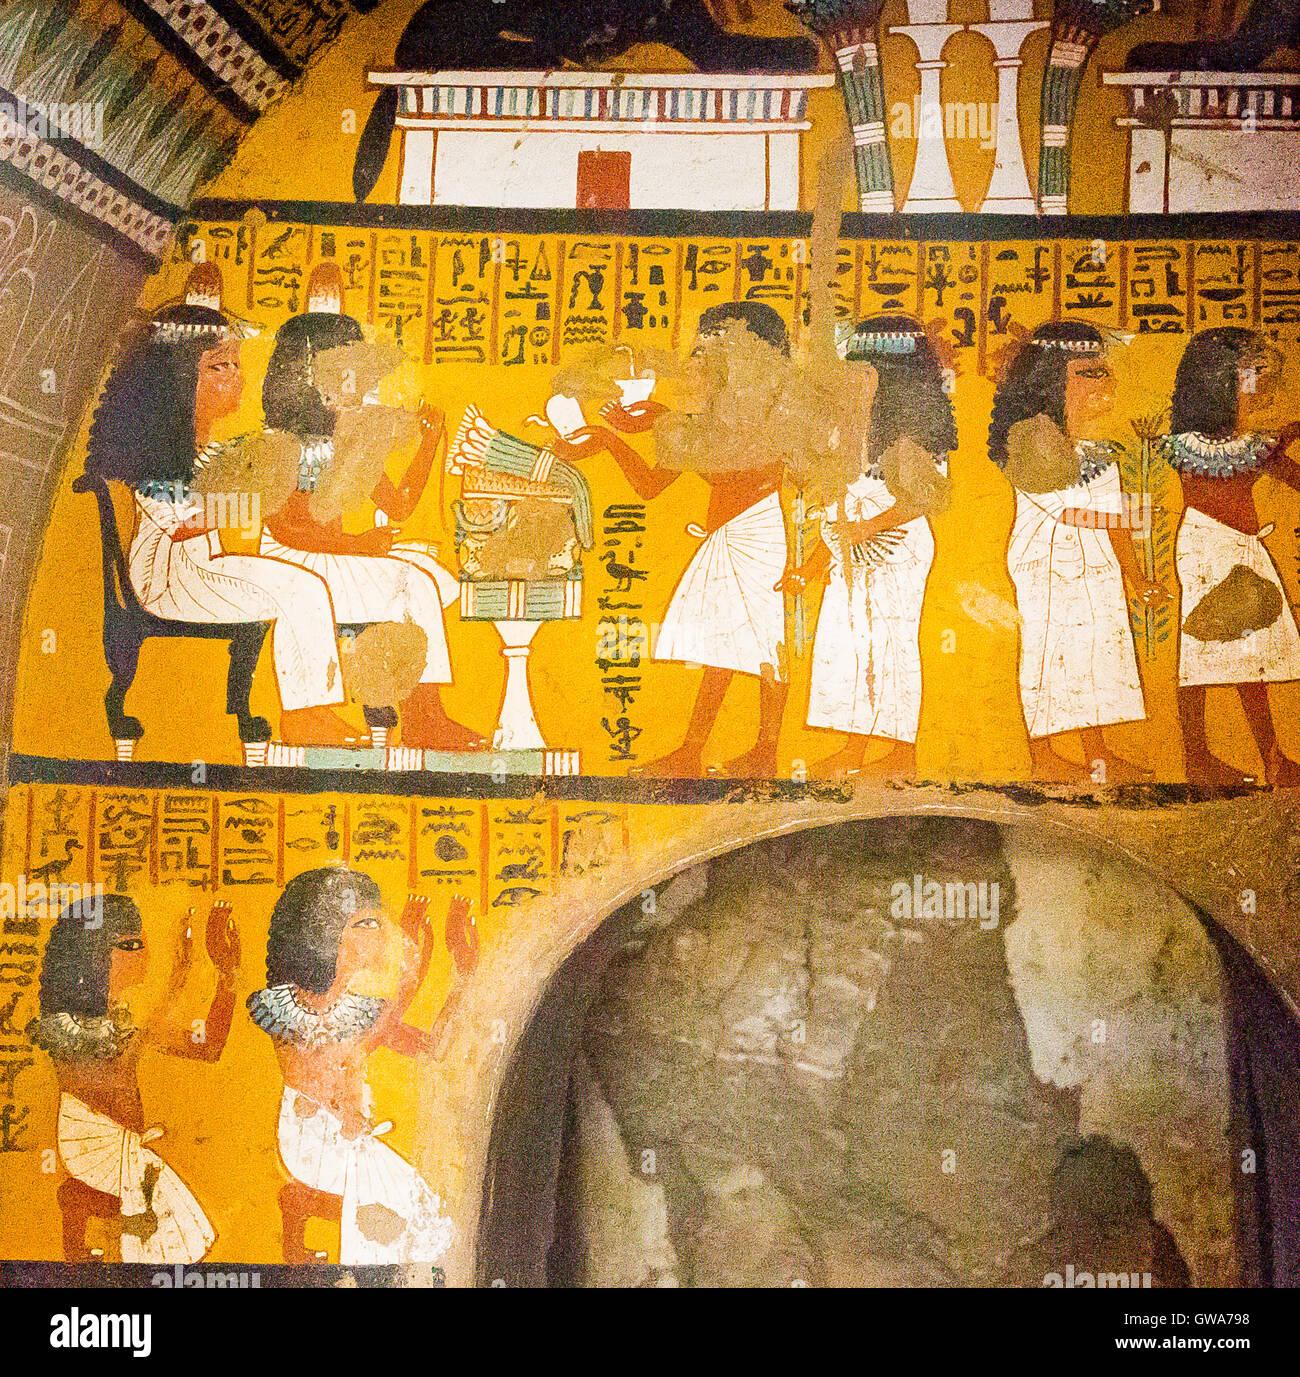 Chapel Of Anubis Stock Photos & Chapel Of Anubis Stock